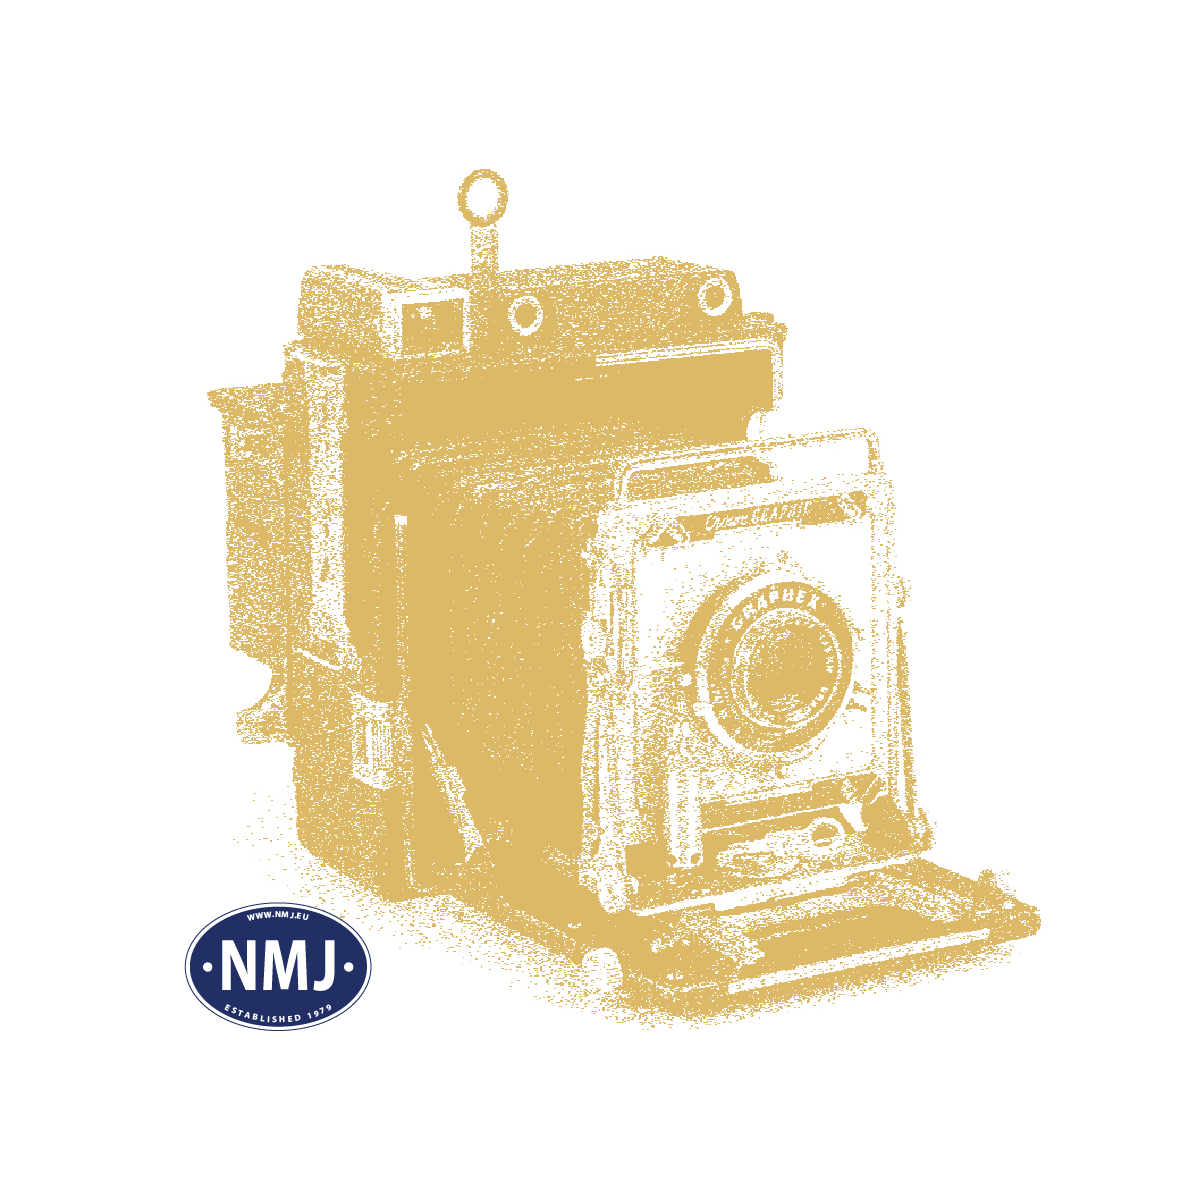 NMJT408.102 - NMJ Topline MAV Reisegodsvogn Dms 85-91